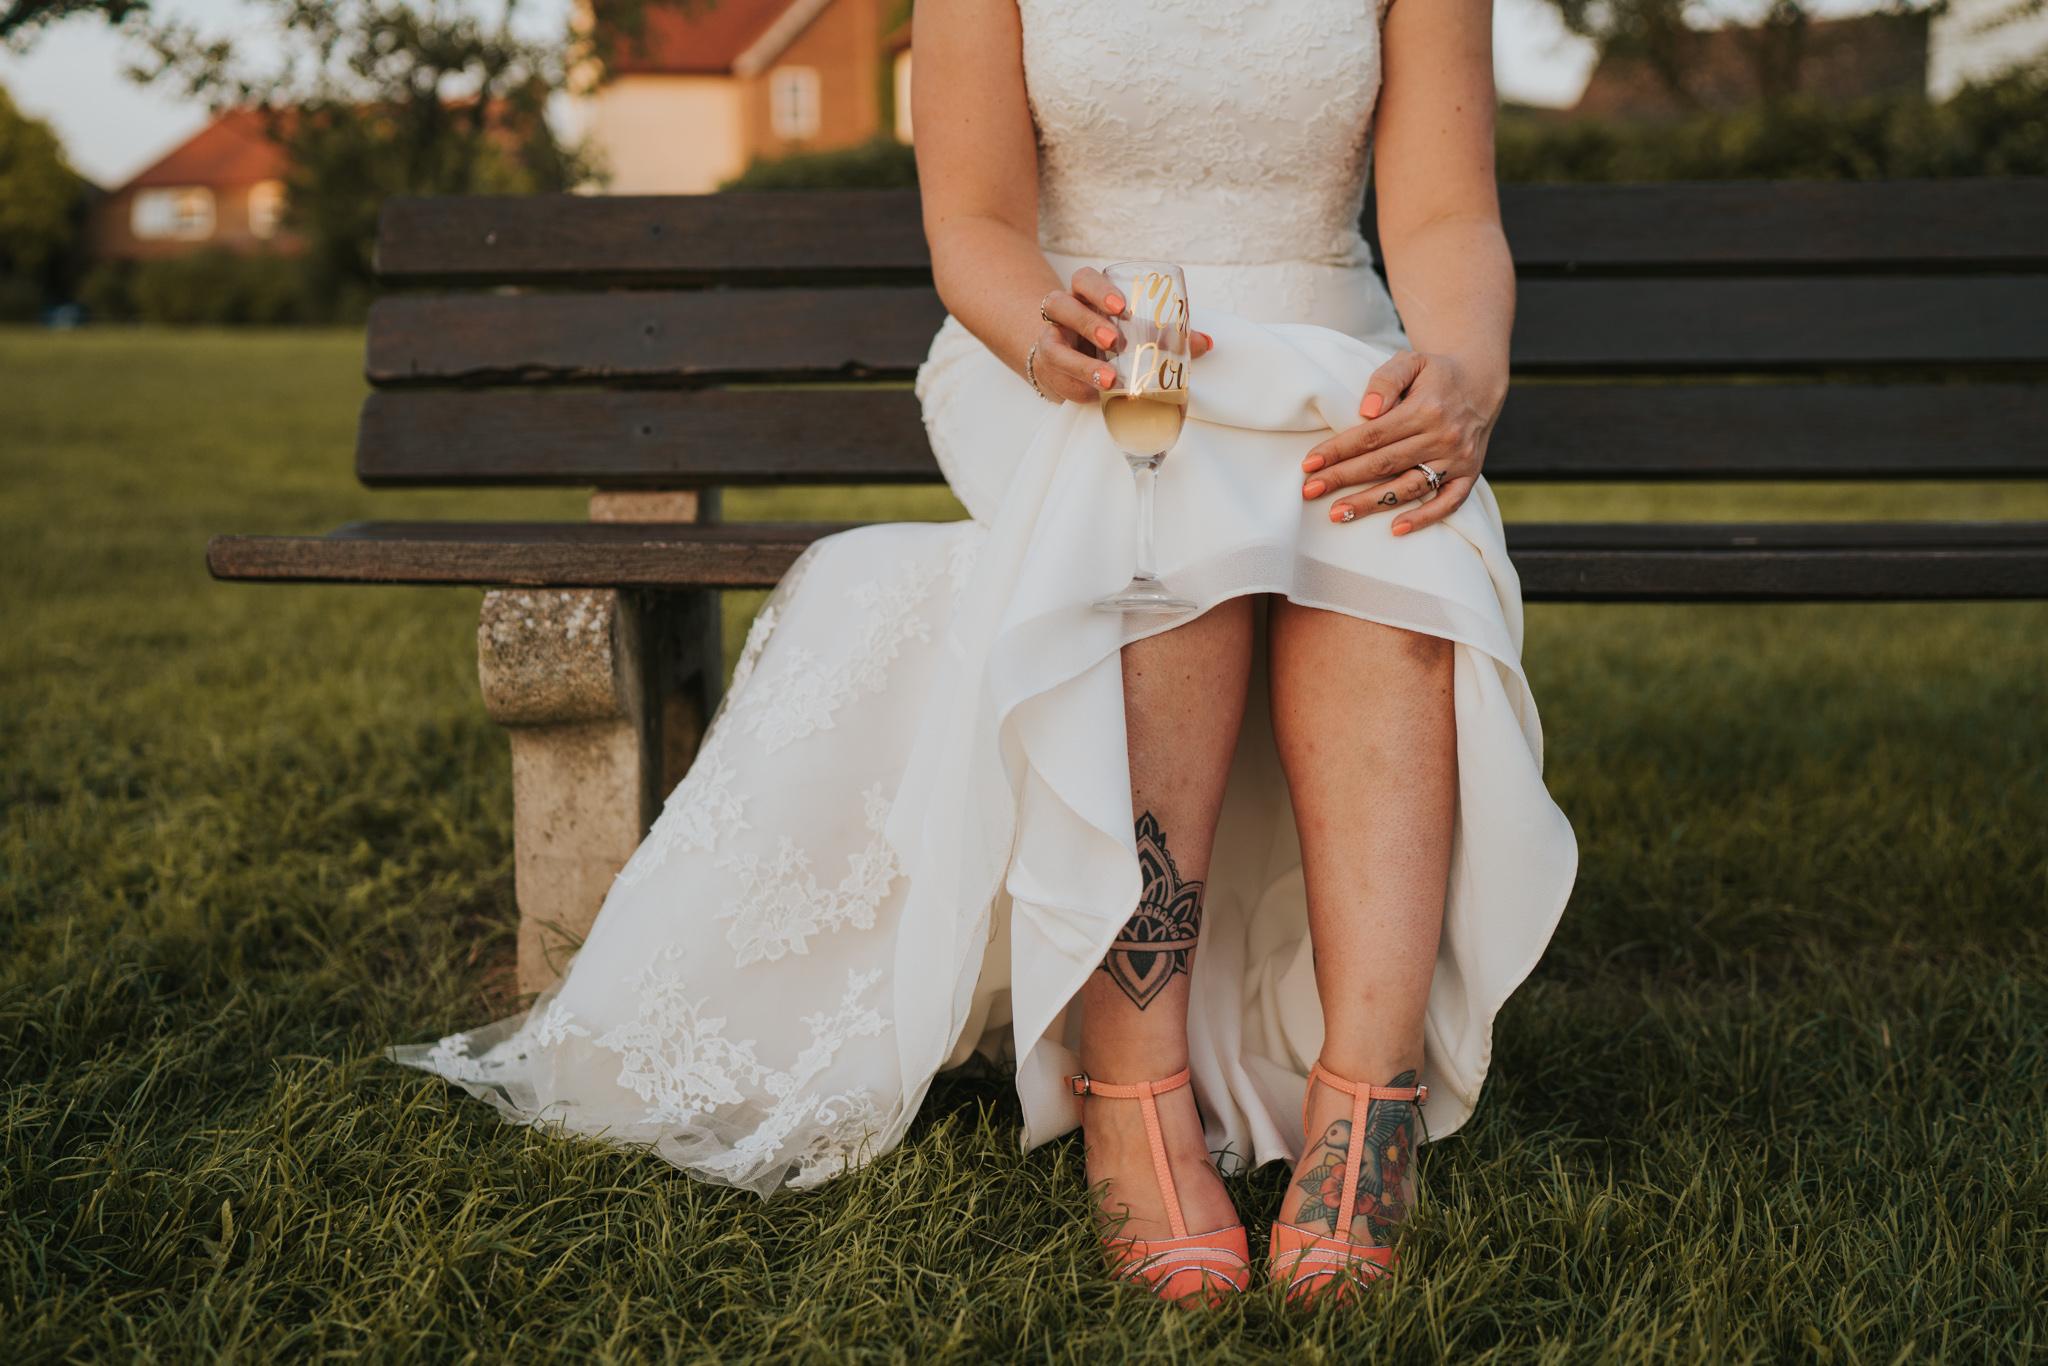 Joe-Tiffany-Colchester-Castle-Wedding-Essex-Grace-Elizabeth-Colchester-Essex-Alternative-Wedding-Photographer-Suffolk-Norfolk-Devon (113 of 122).jpg